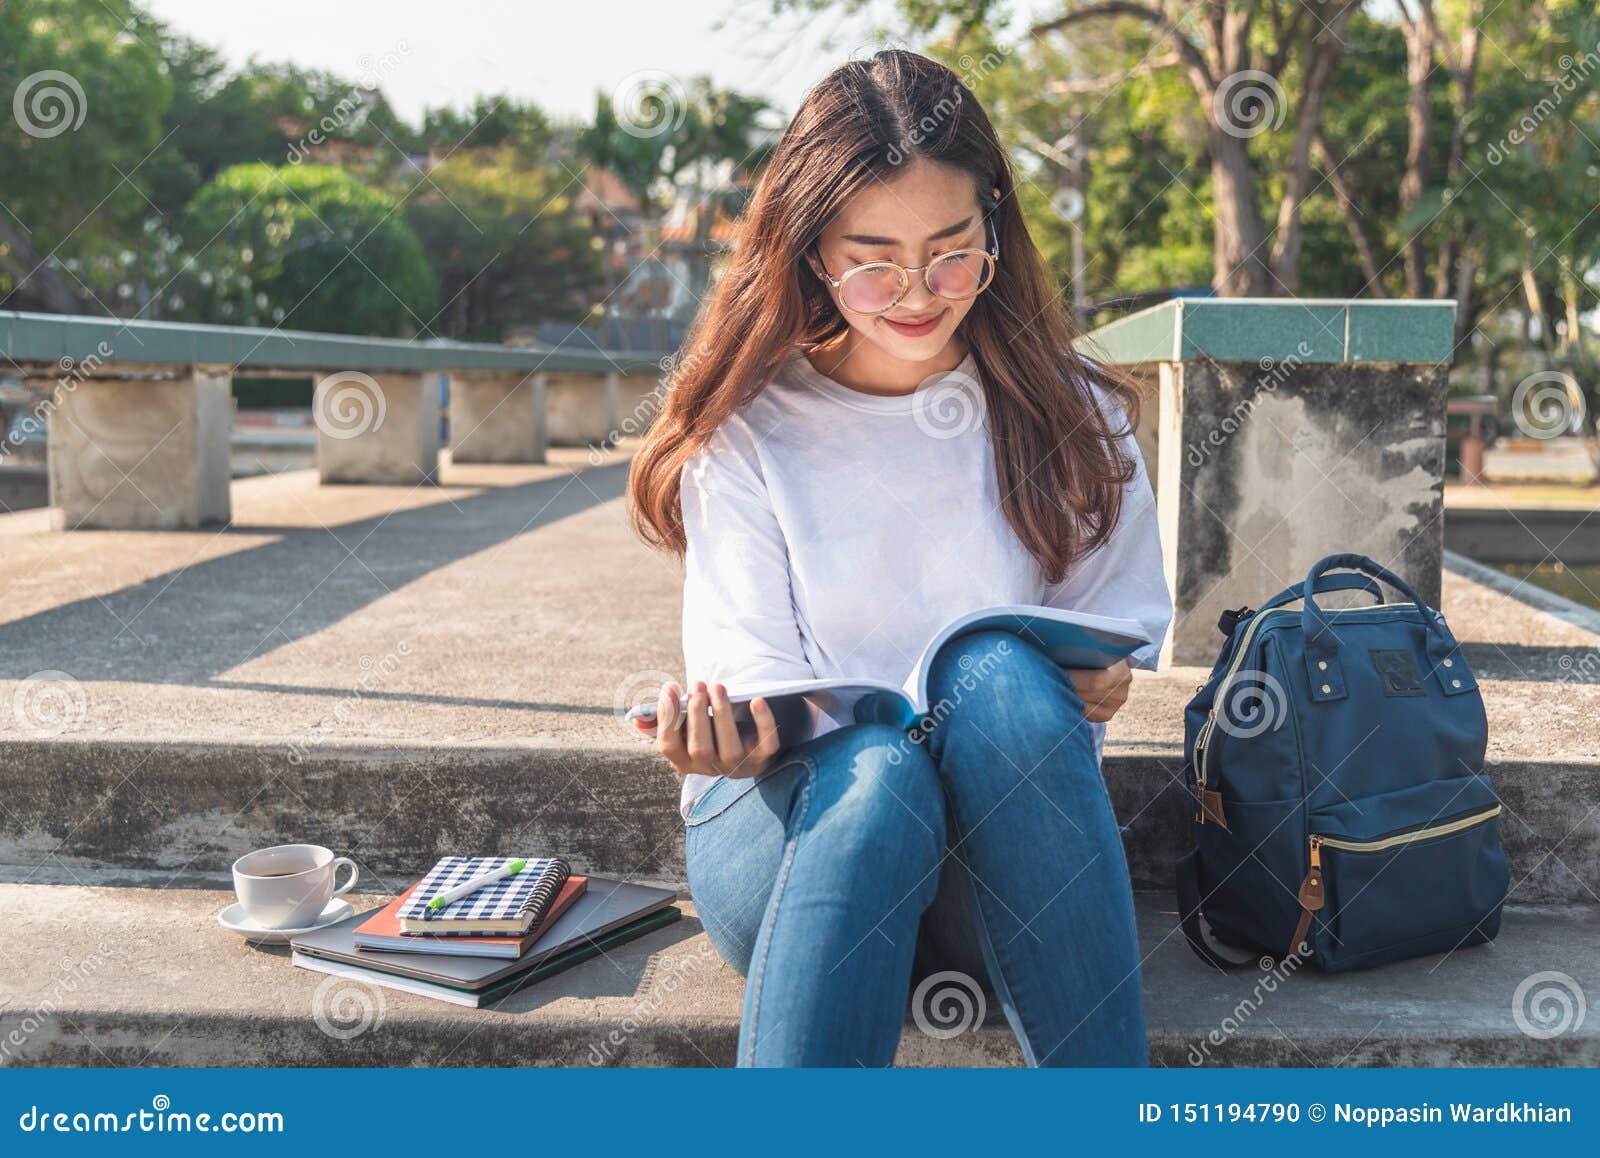 Jolie jeune femme décontractée lisant un livre à la pelouse avec briller du soleil